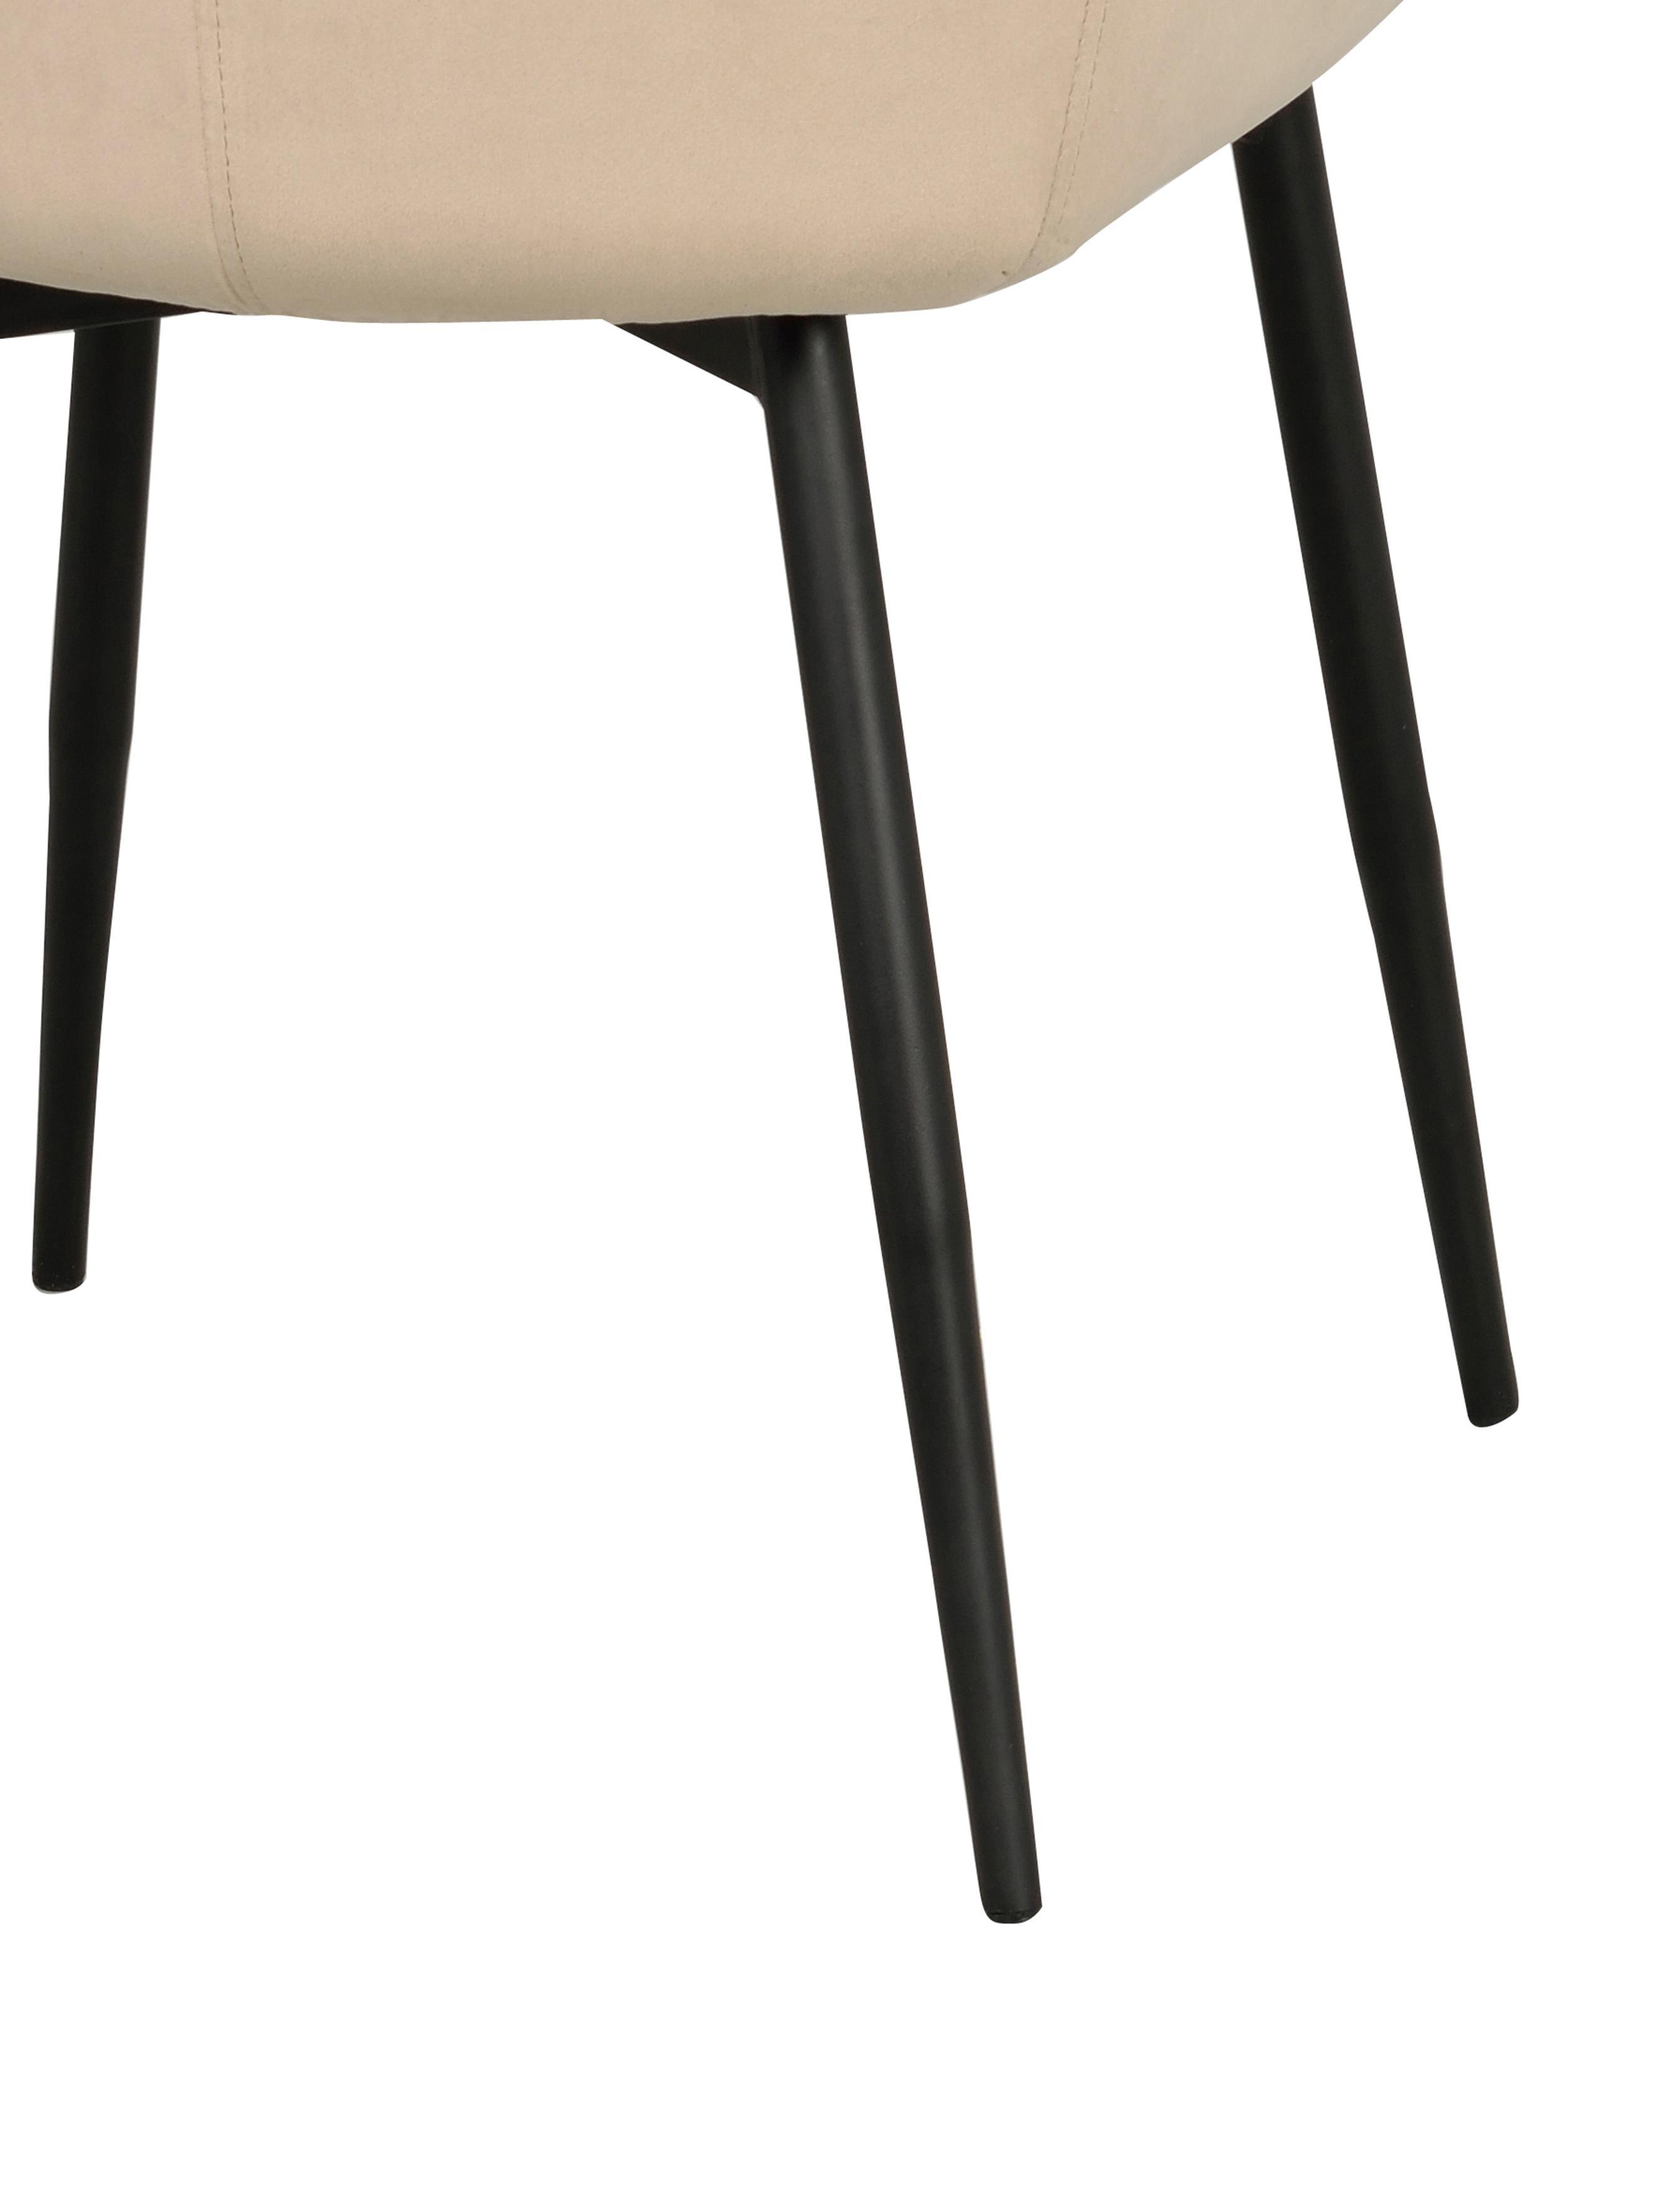 Fluwelen stoelen Sierra, 2 stuks, Bekleding: polyester fluweel, Poten: gelakt metaal, Beige, zwart, B 49  x D 55 cm